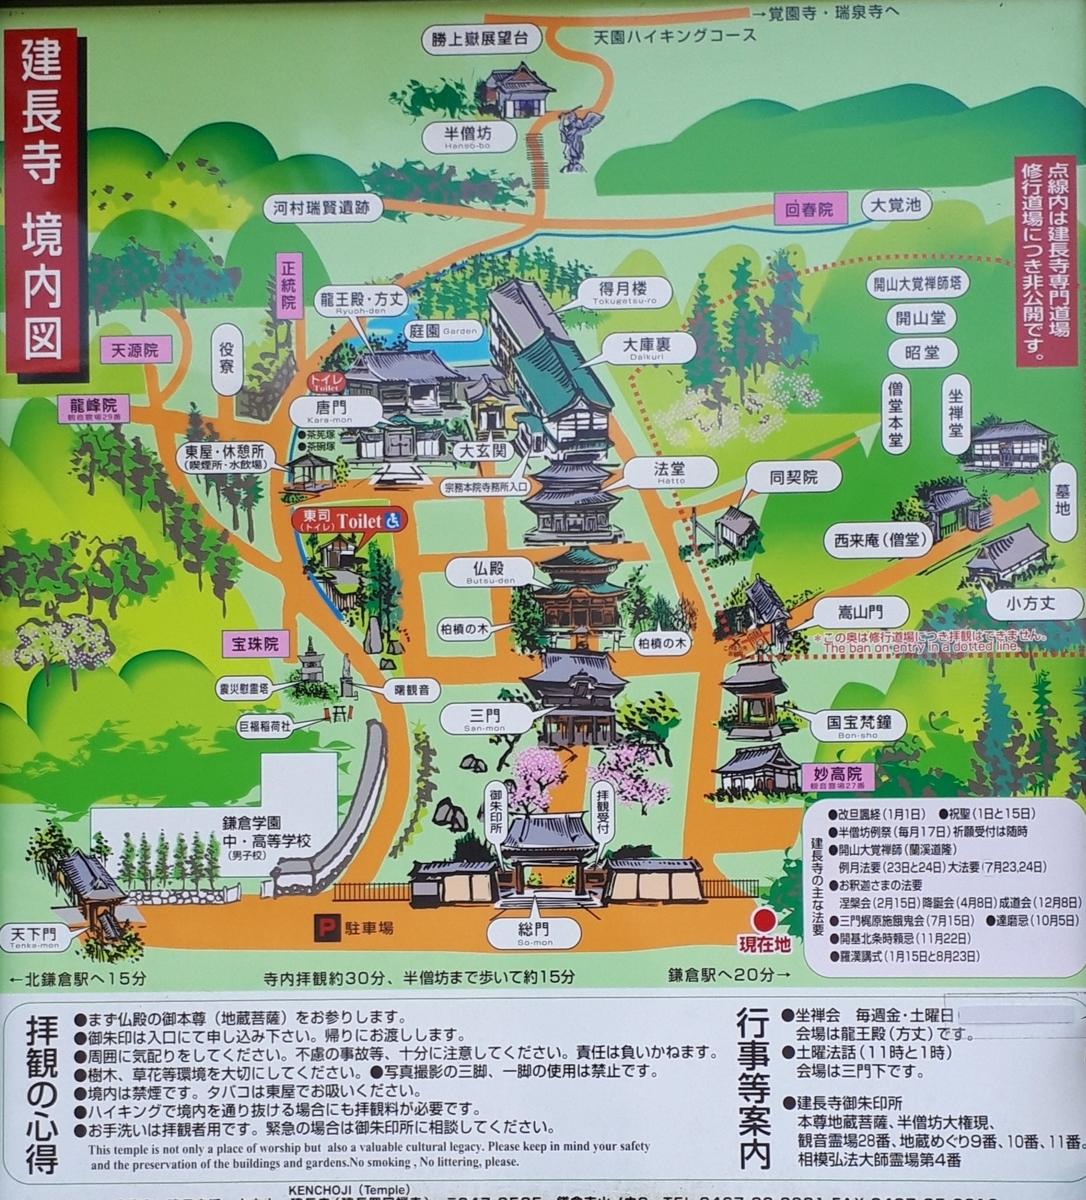 f:id:ken-jiiji-itohkun:20200504181453j:plain